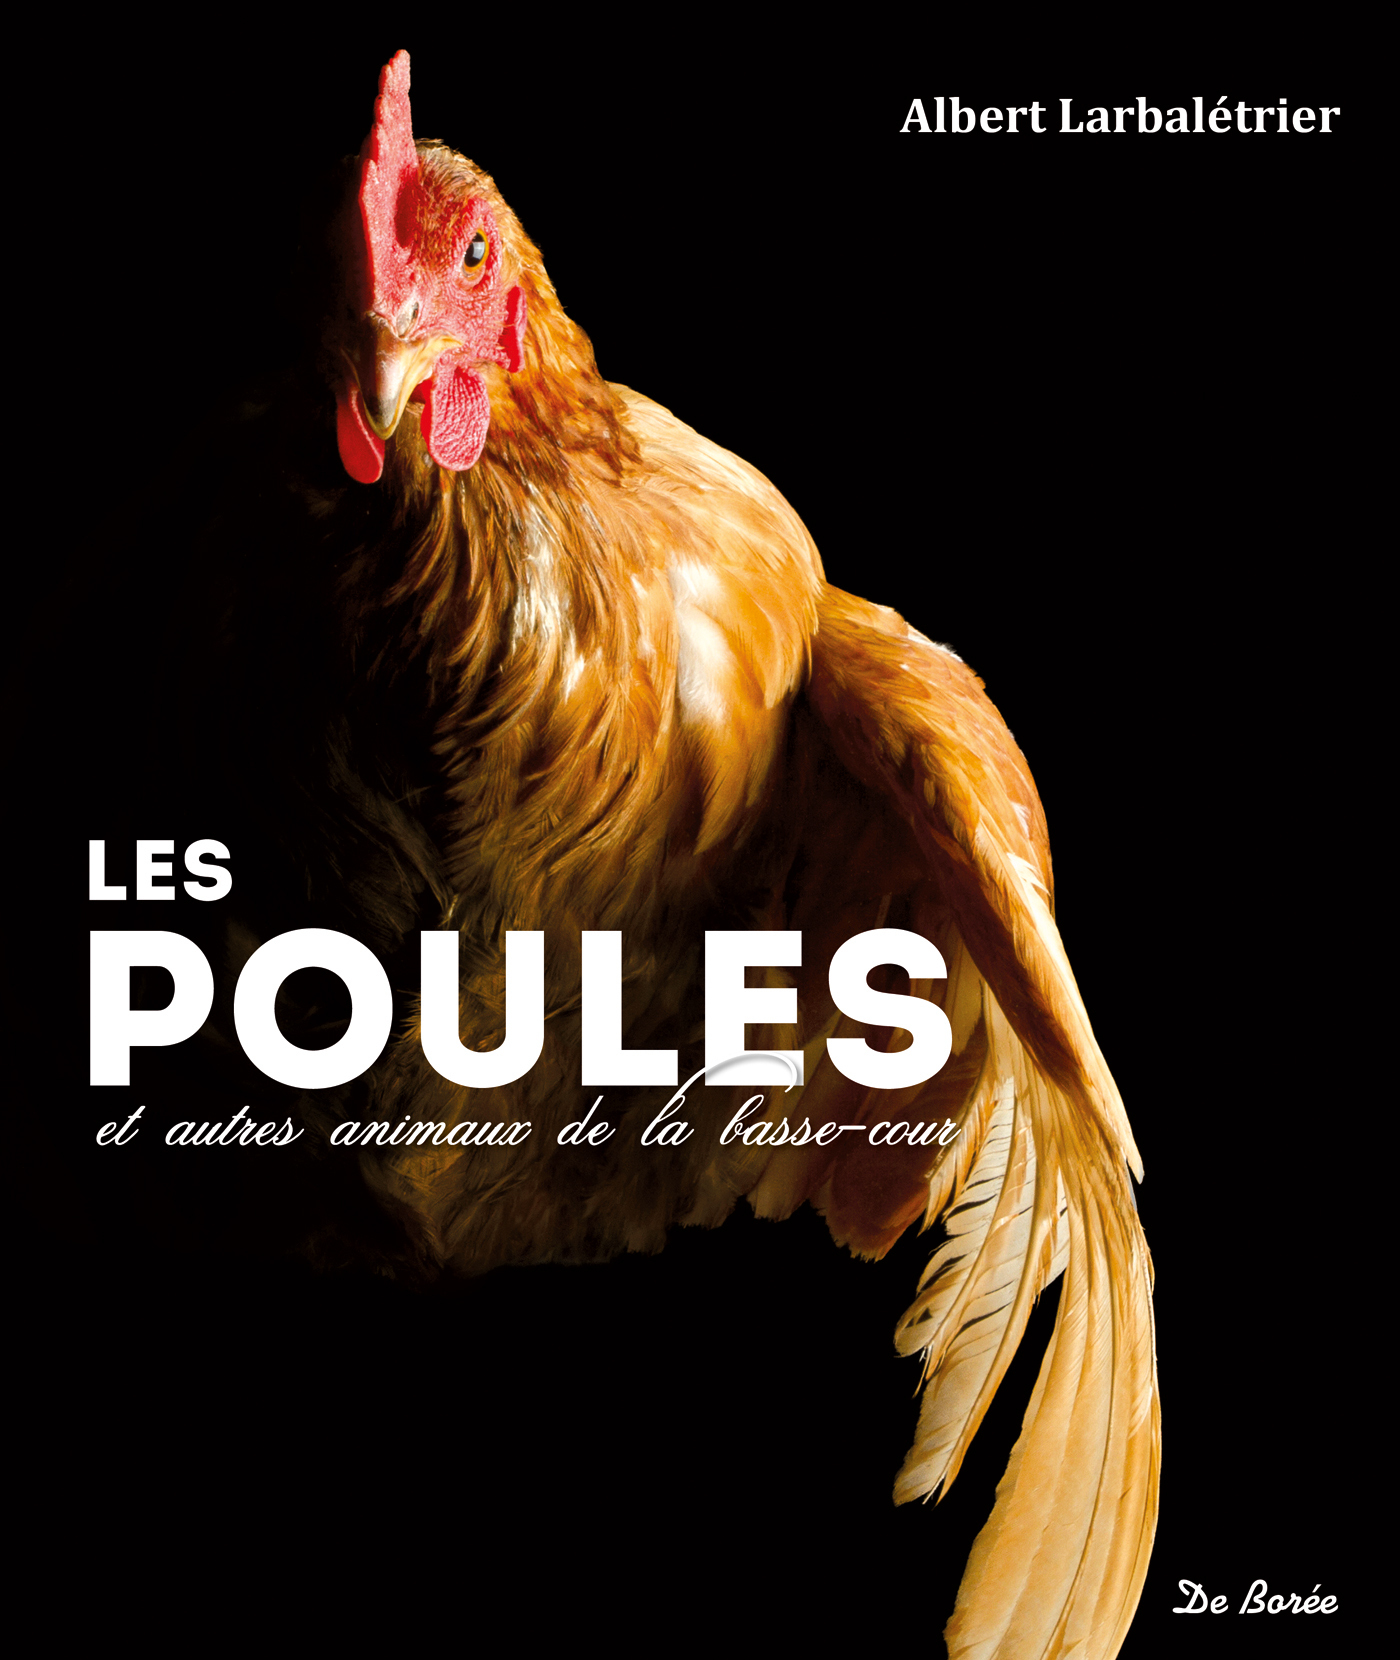 POULES ET AUTRES ANIMAUX DE LA BASSE-COUR (LES)